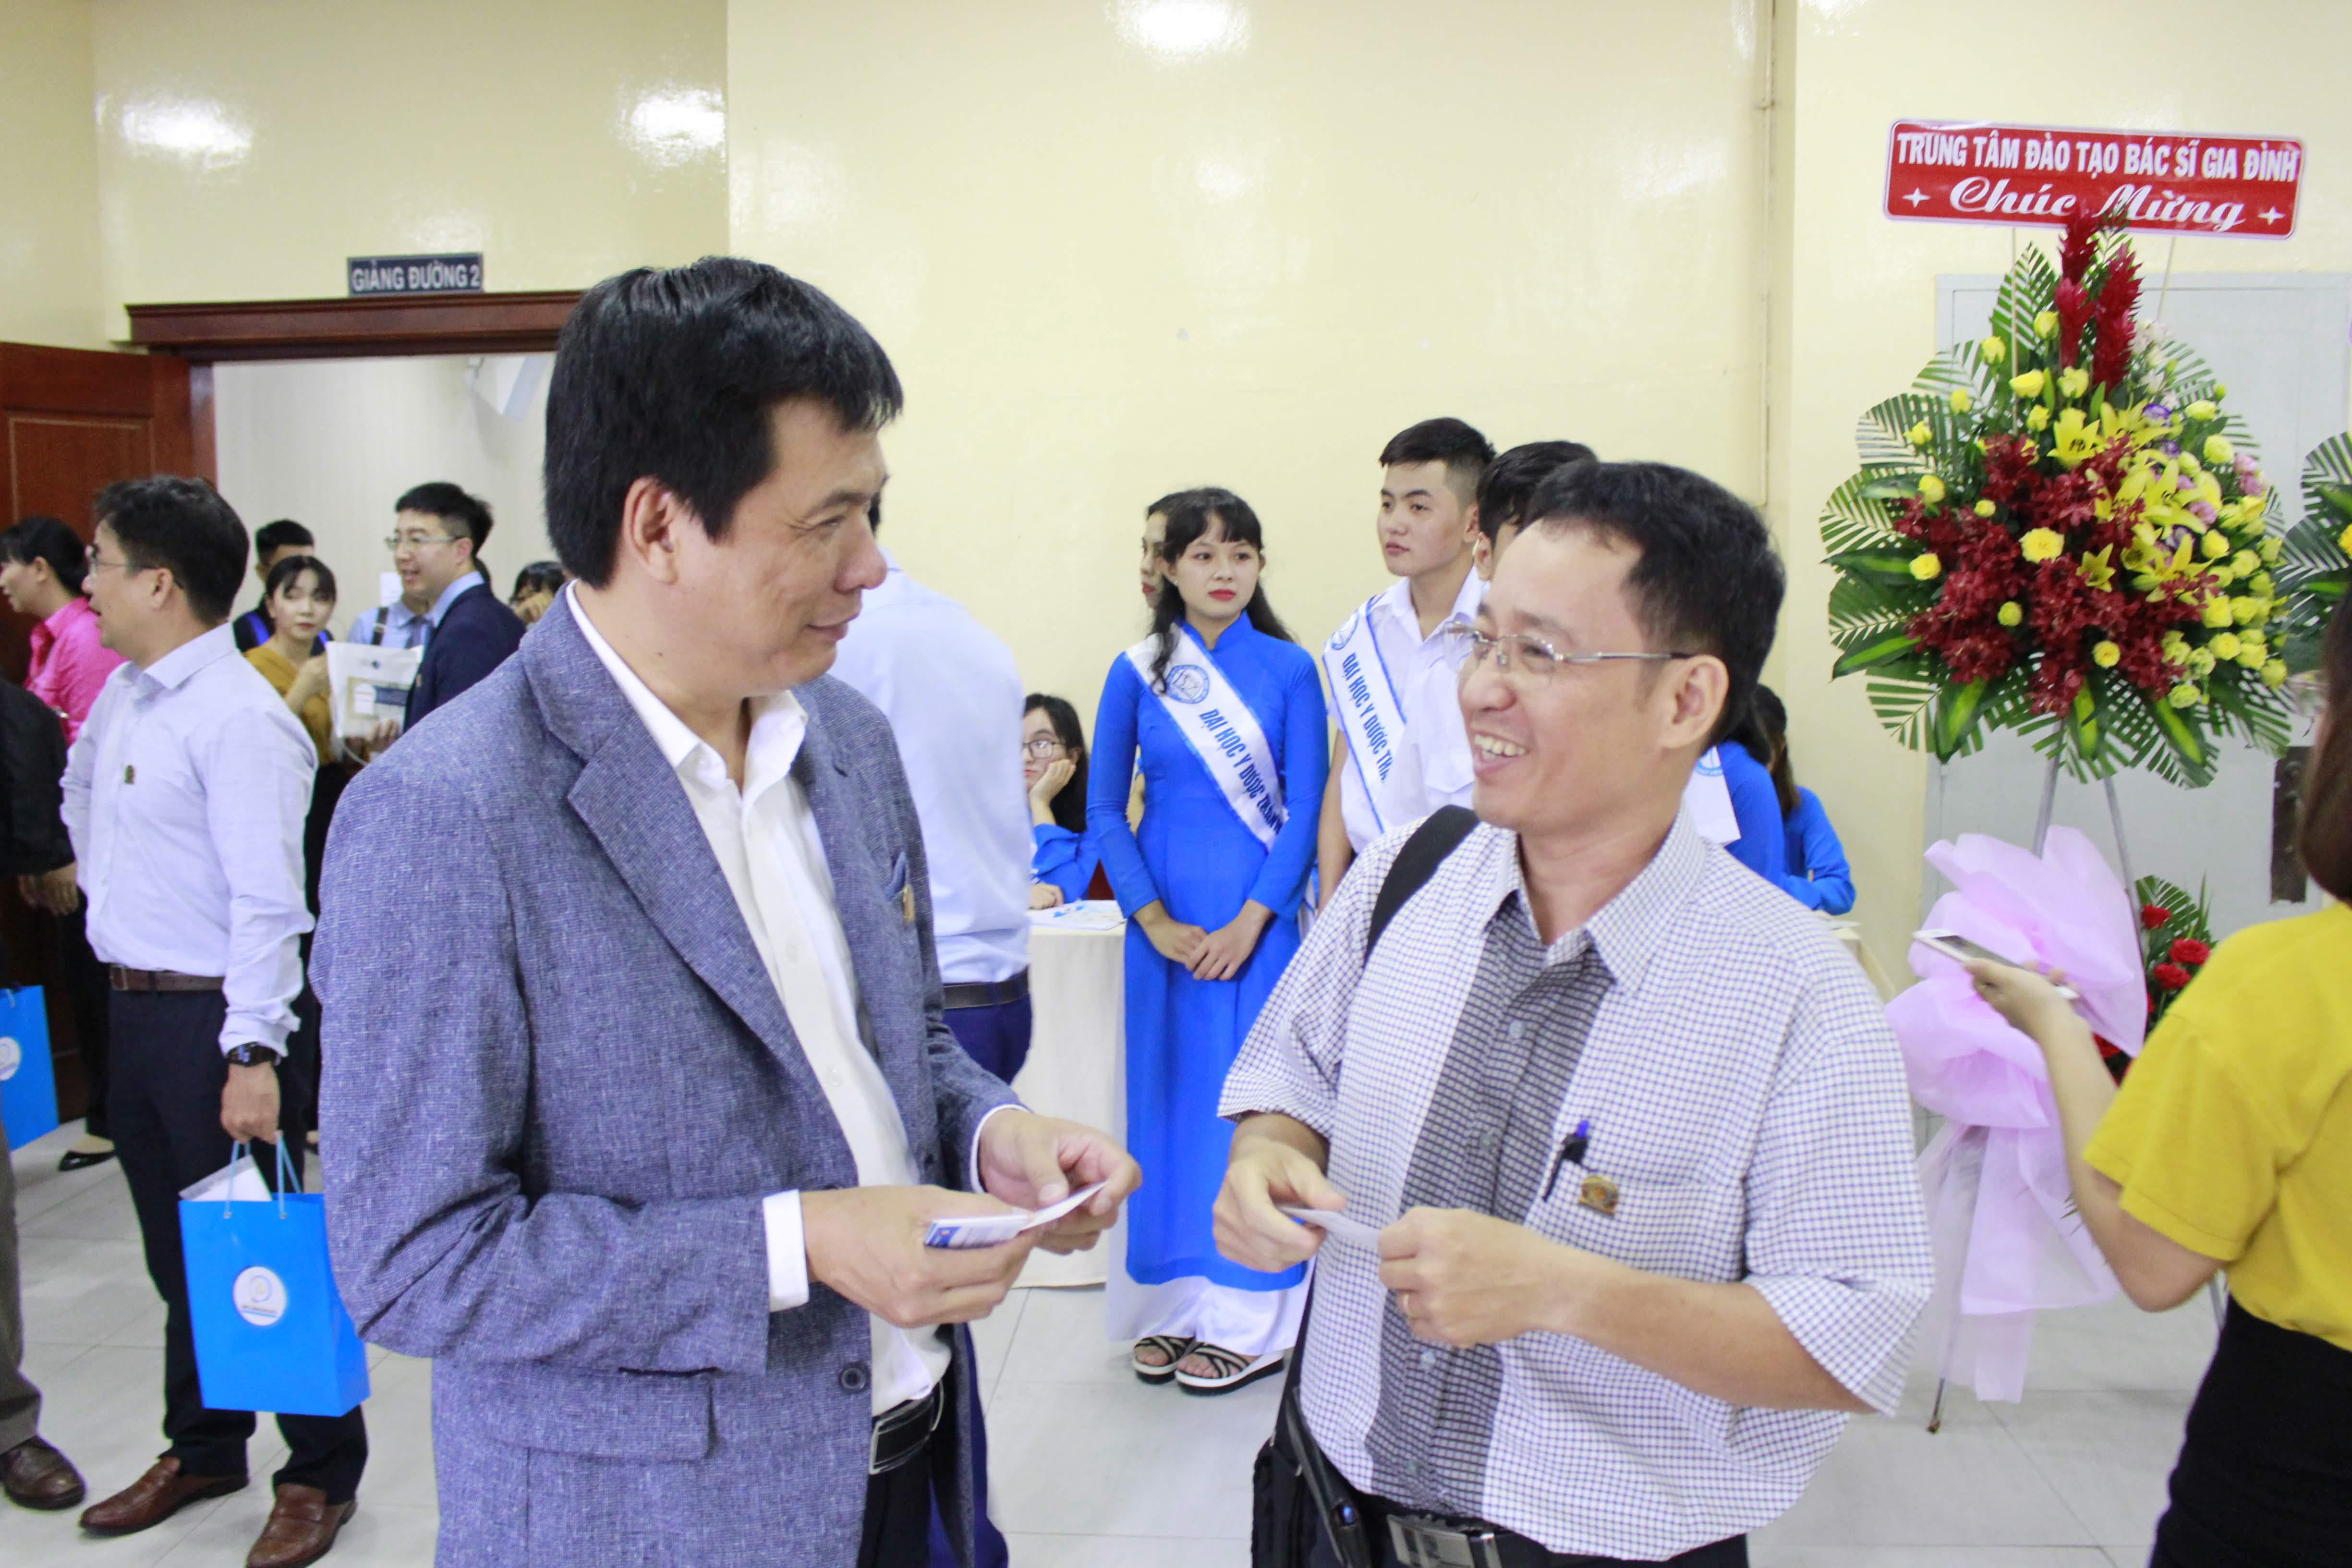 Ông Huỳnh Kim Tước, Giám đốc Saigon Innovation Hub trao đổi với một nhà nghiên cứu của ĐH Y Dược TP.HCM – Ảnh: T.Đăng